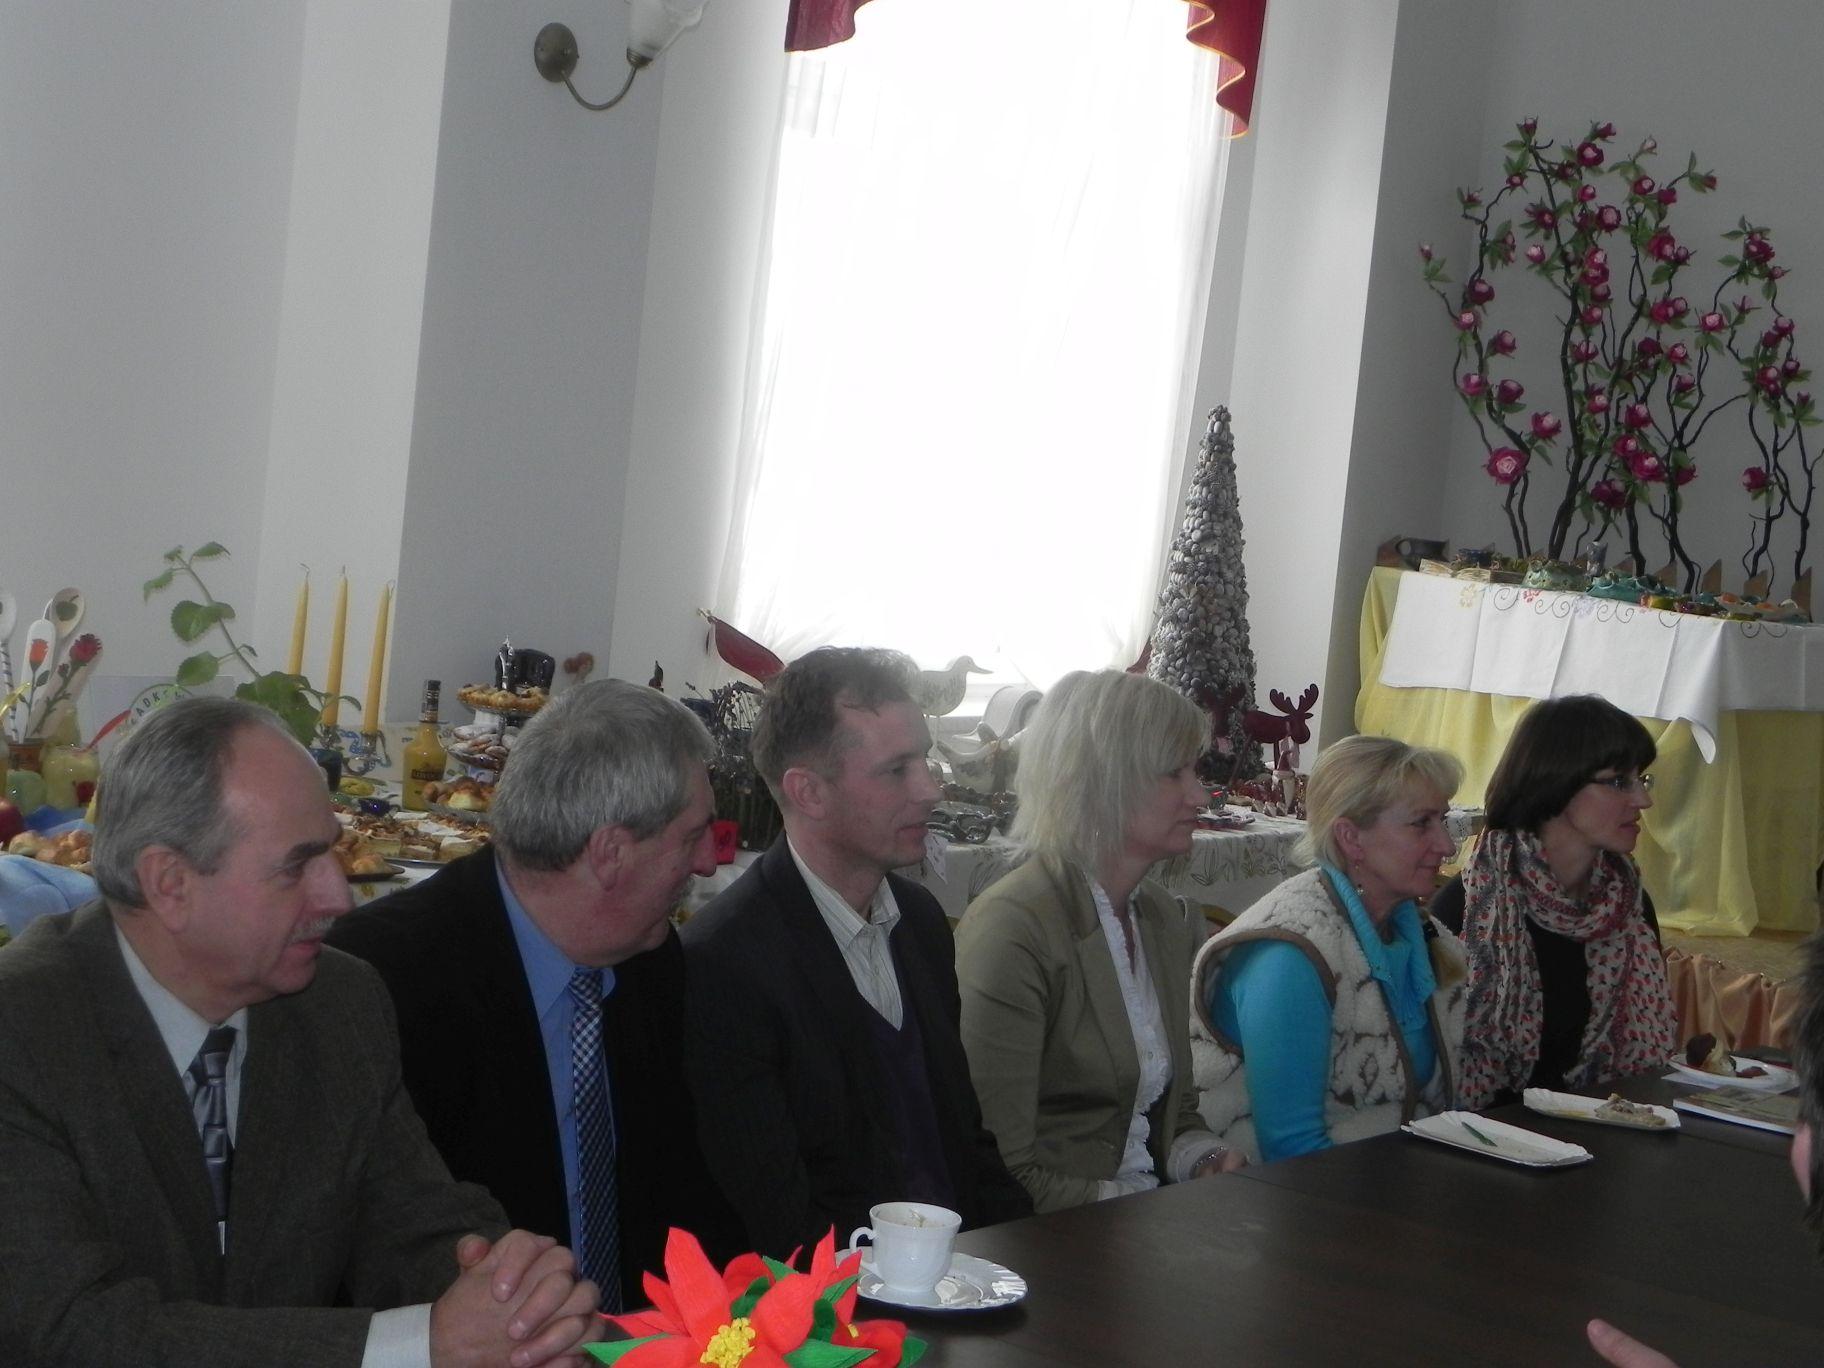 2012-12-14 Wilkowice - Konferencja Wioski tematyczne (78)